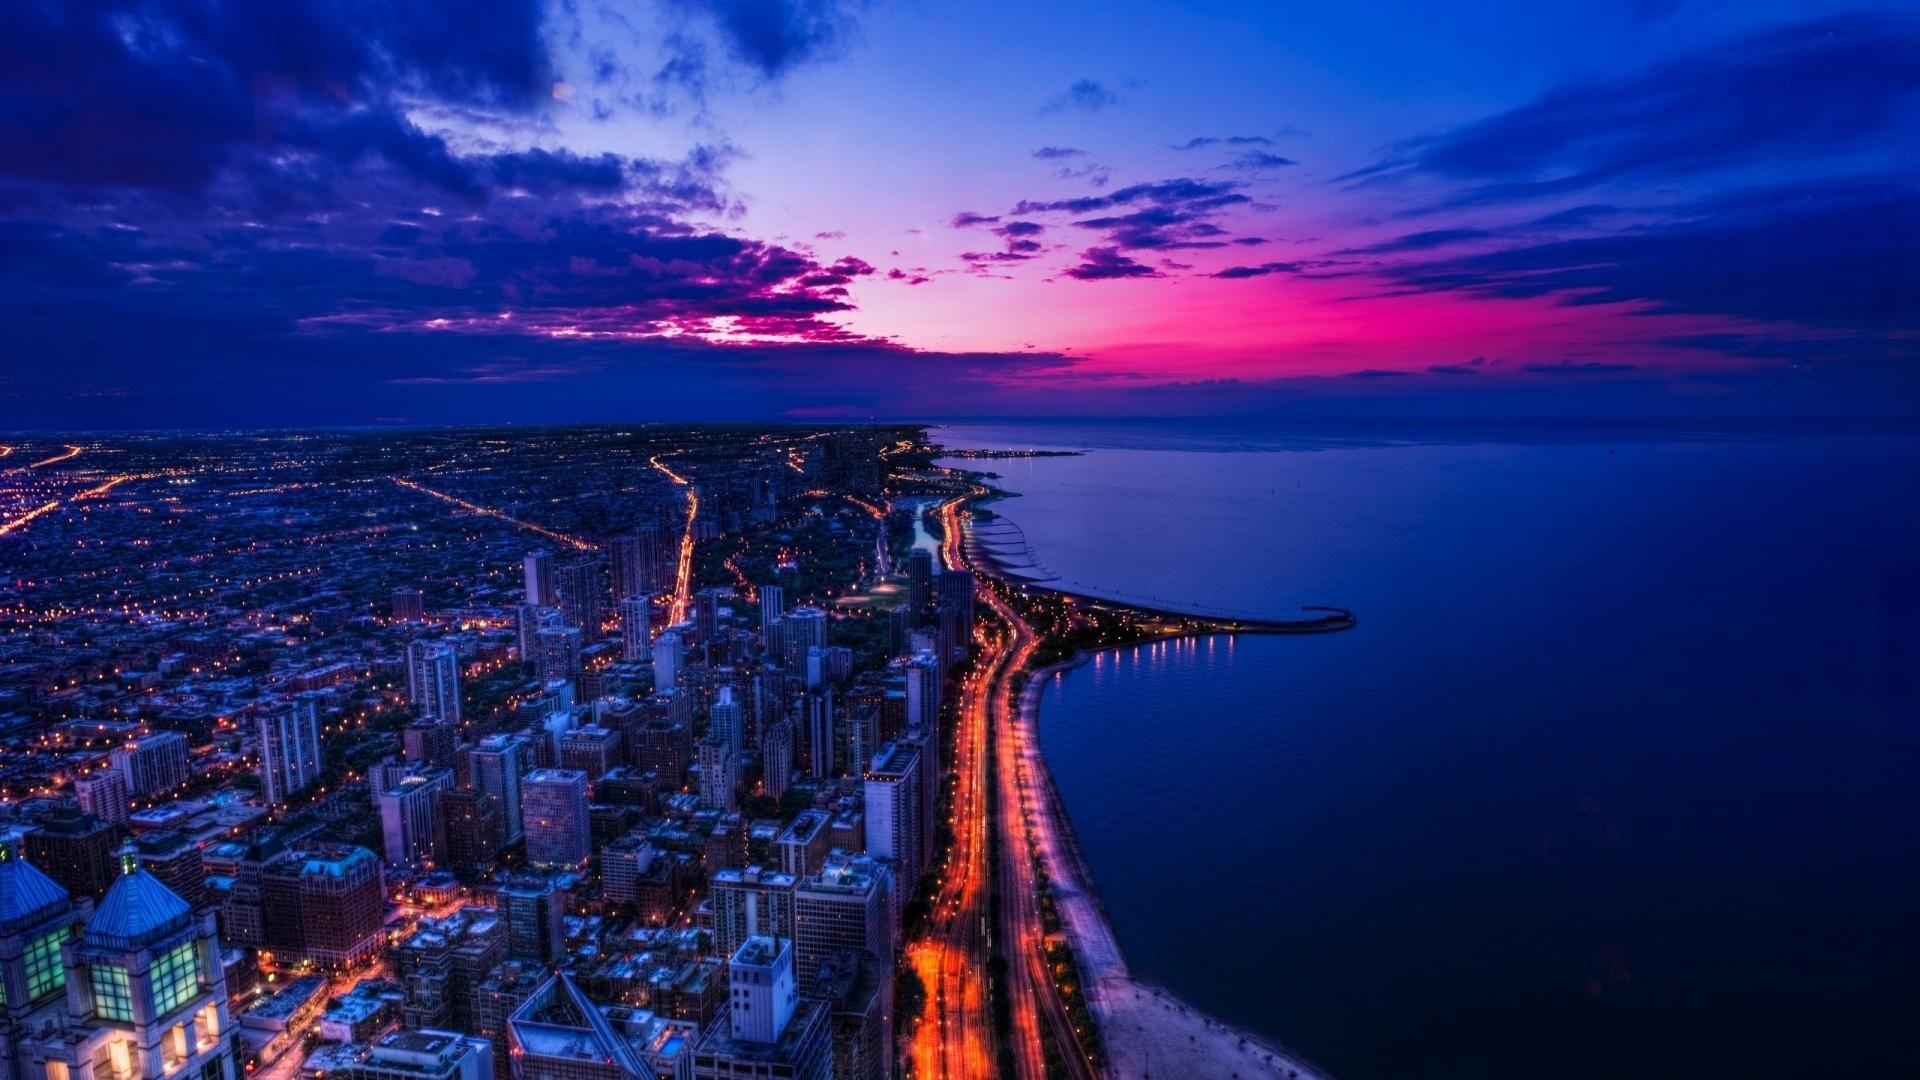 Sunset Wallpaper Hd 1920x1080 822151 Imagens De Fundo Fotografia De Paisagem Papel De Parede Da Cidade